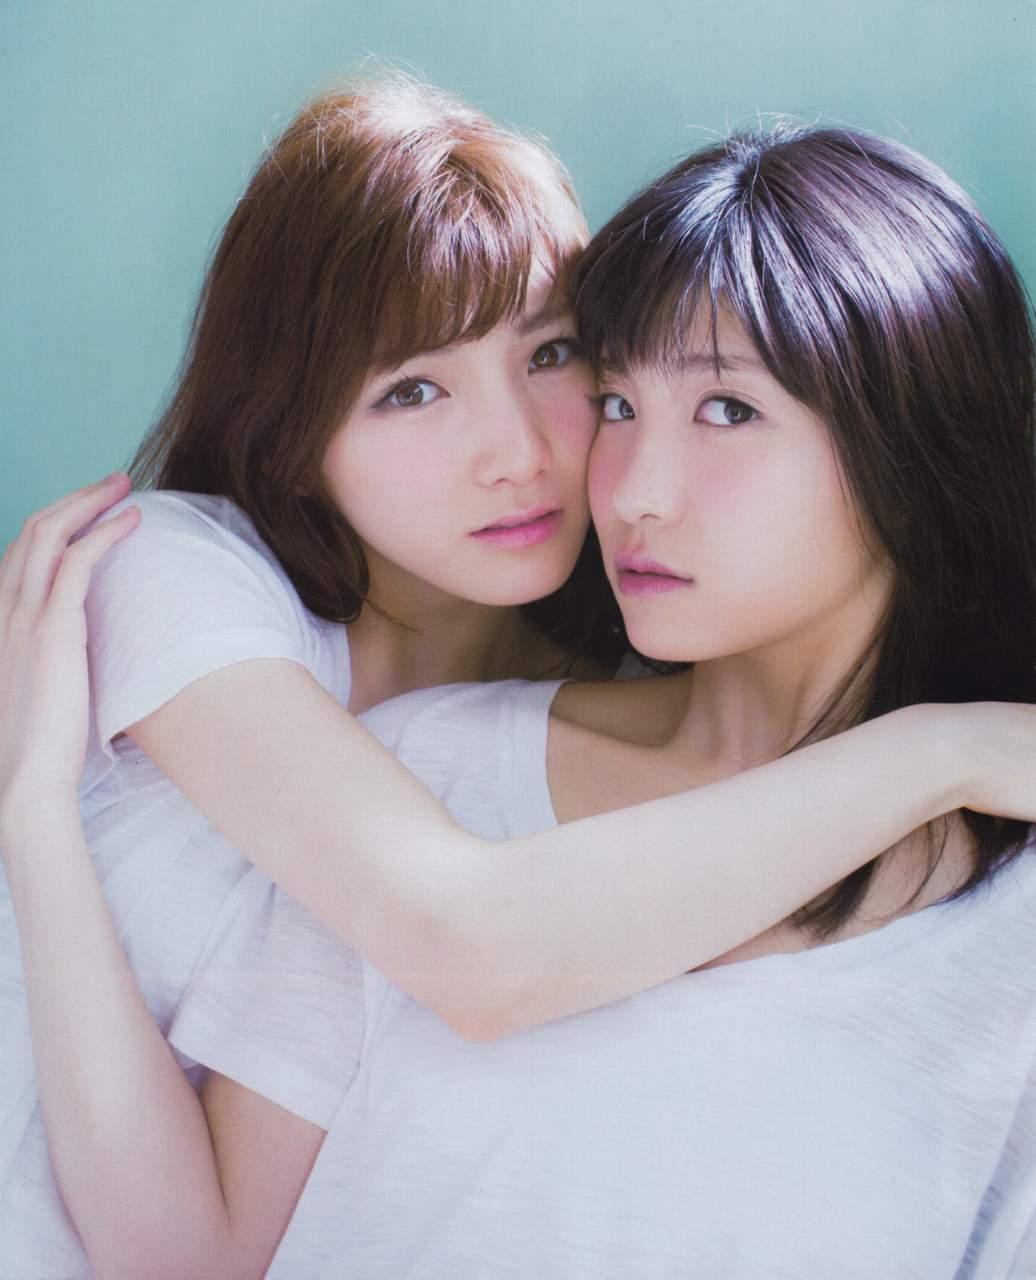 AKB48 じゃんけん大会コスプレがもはやエロ目線でしかみれない